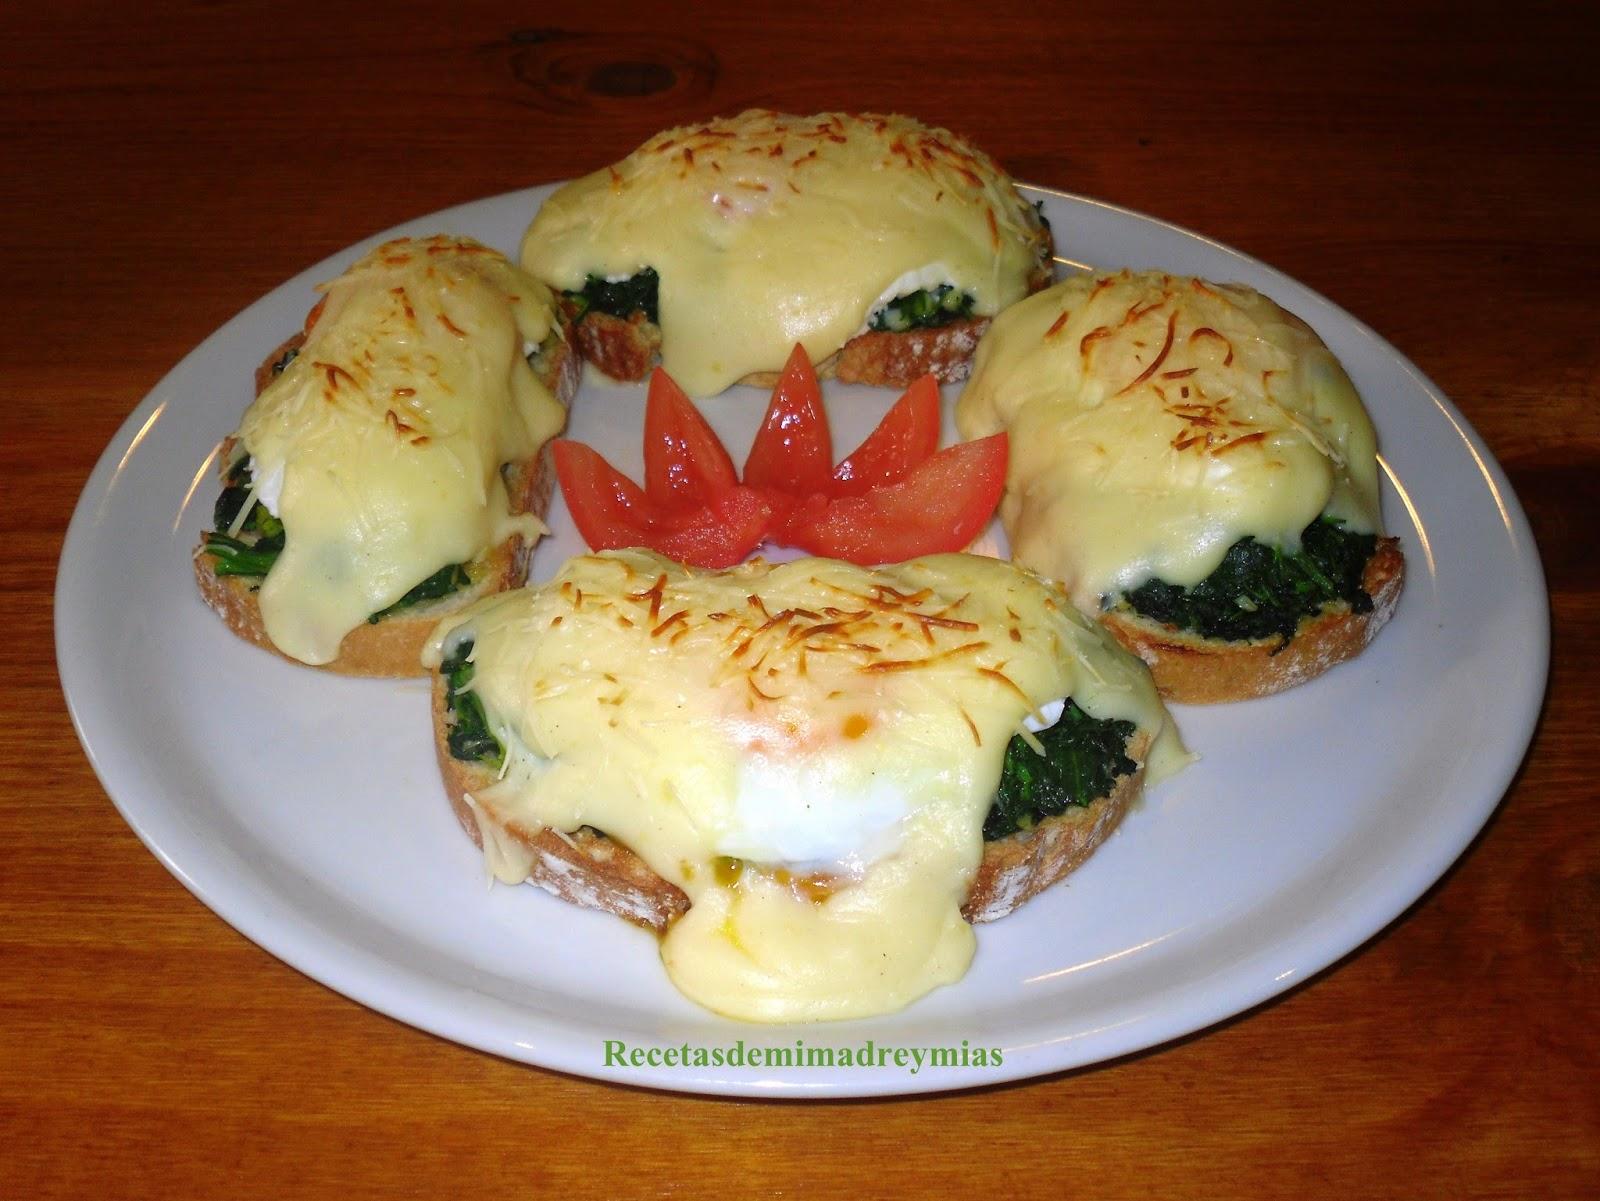 Recetas de mi madre y mias tostas con huevos y espinacas for Maneras de cocinar espinacas